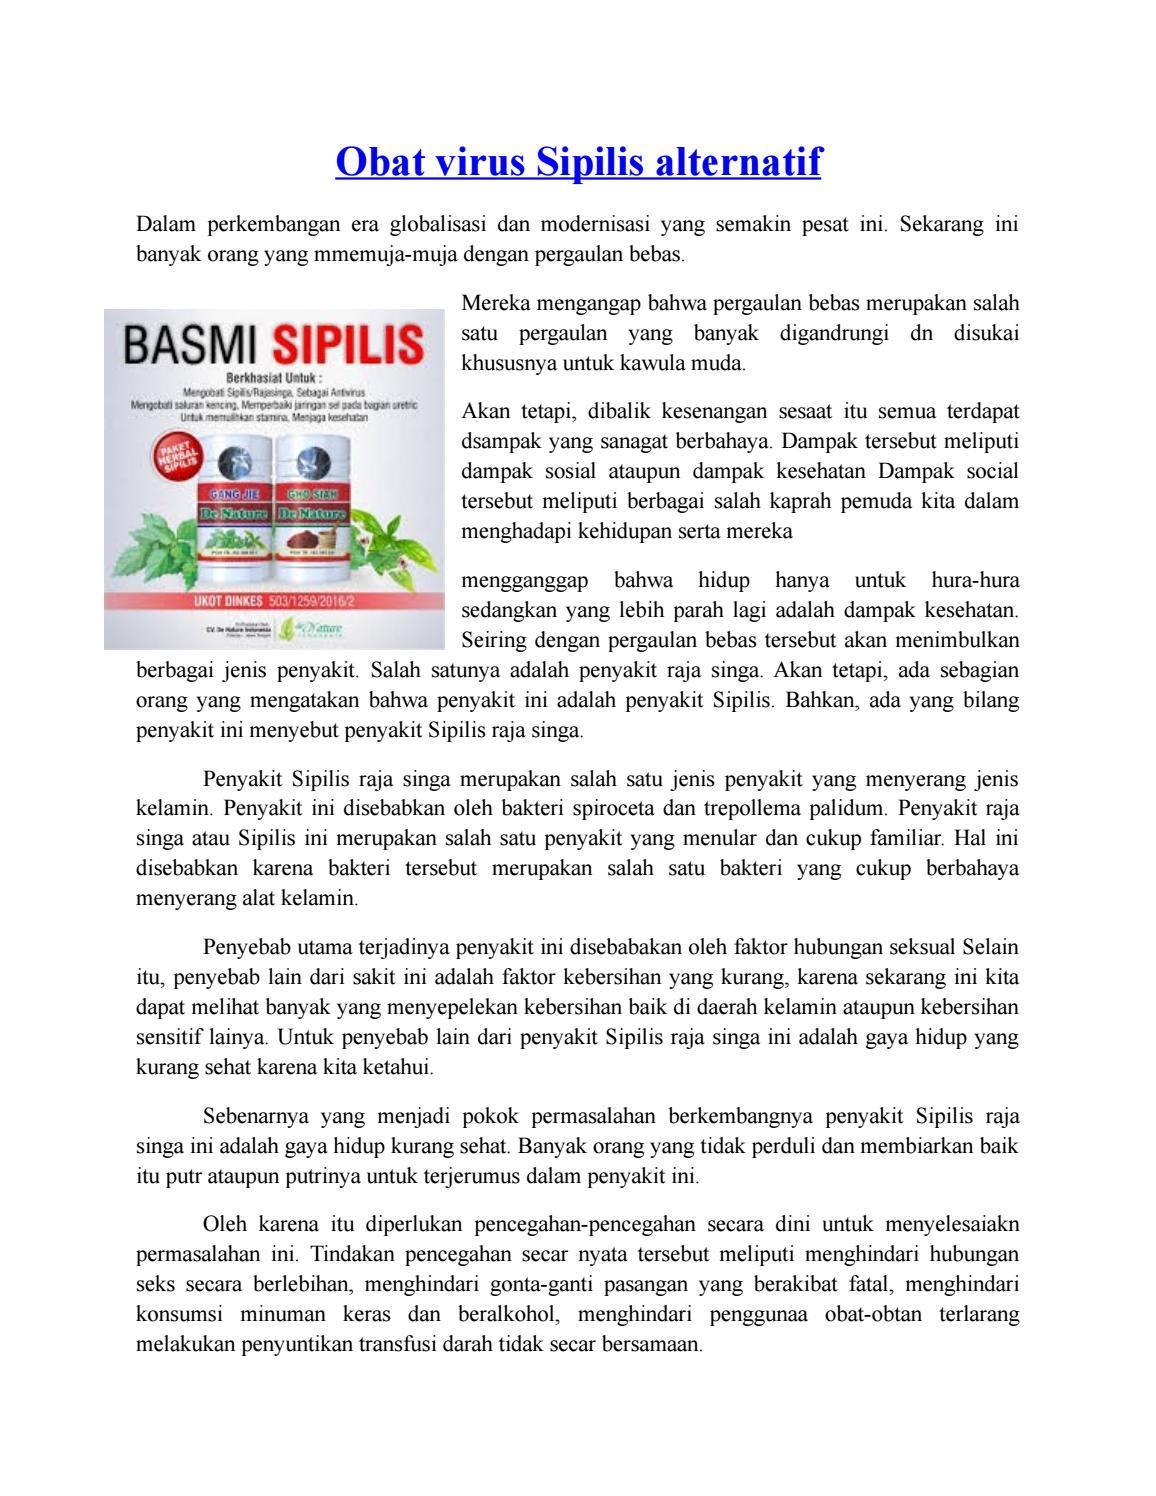 Obat virus Sipilis alternatif by Denature Indonesia - issuu